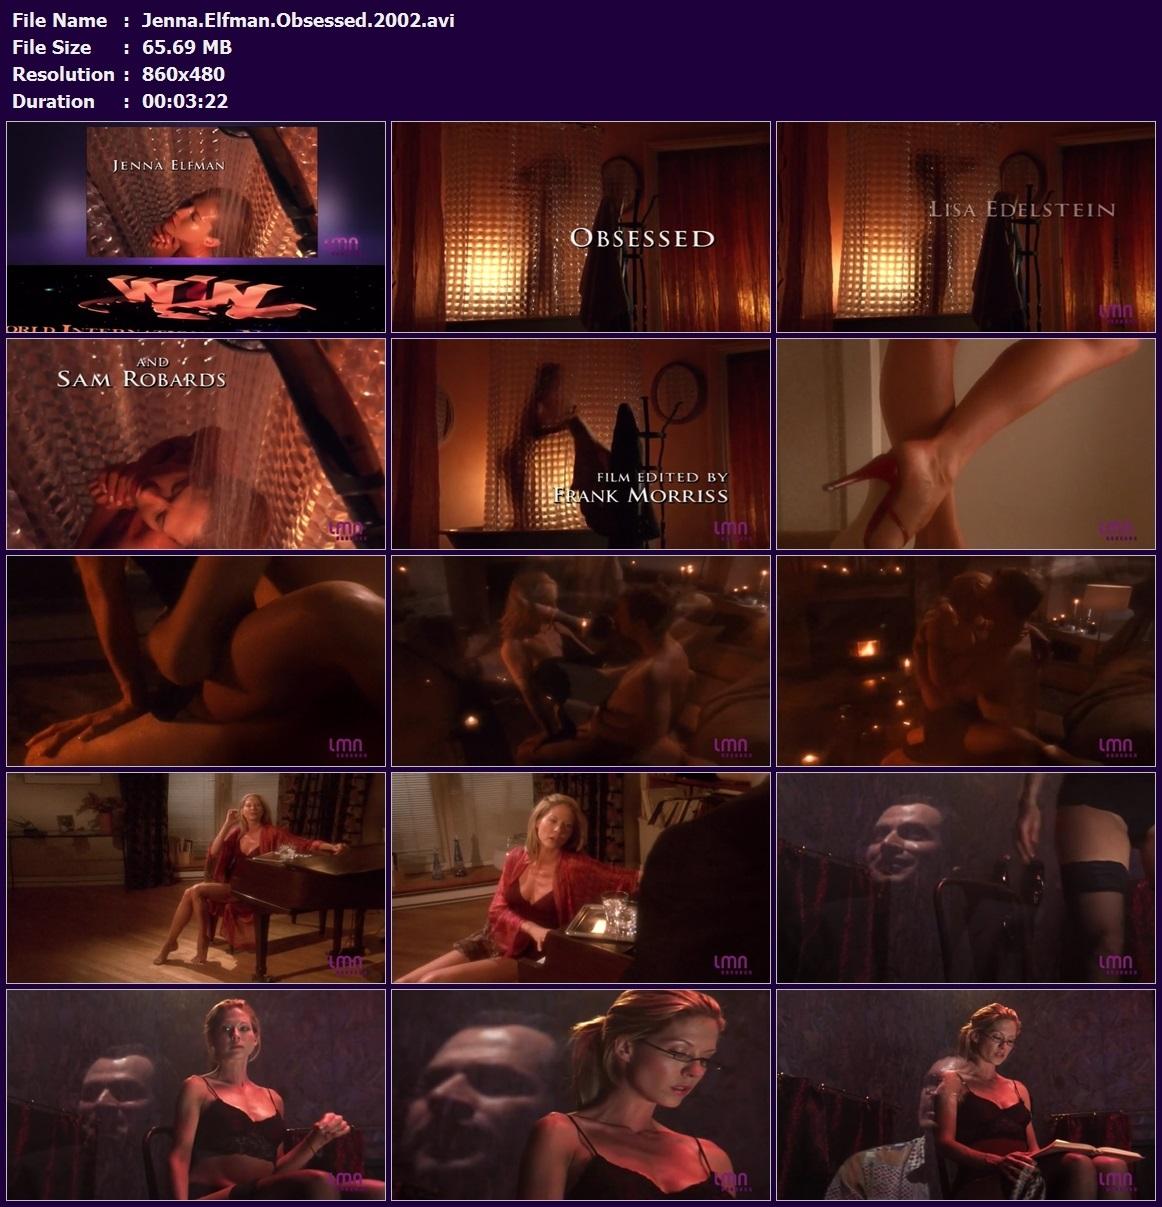 Jenna.Elfman.Obsessed.2002.avi